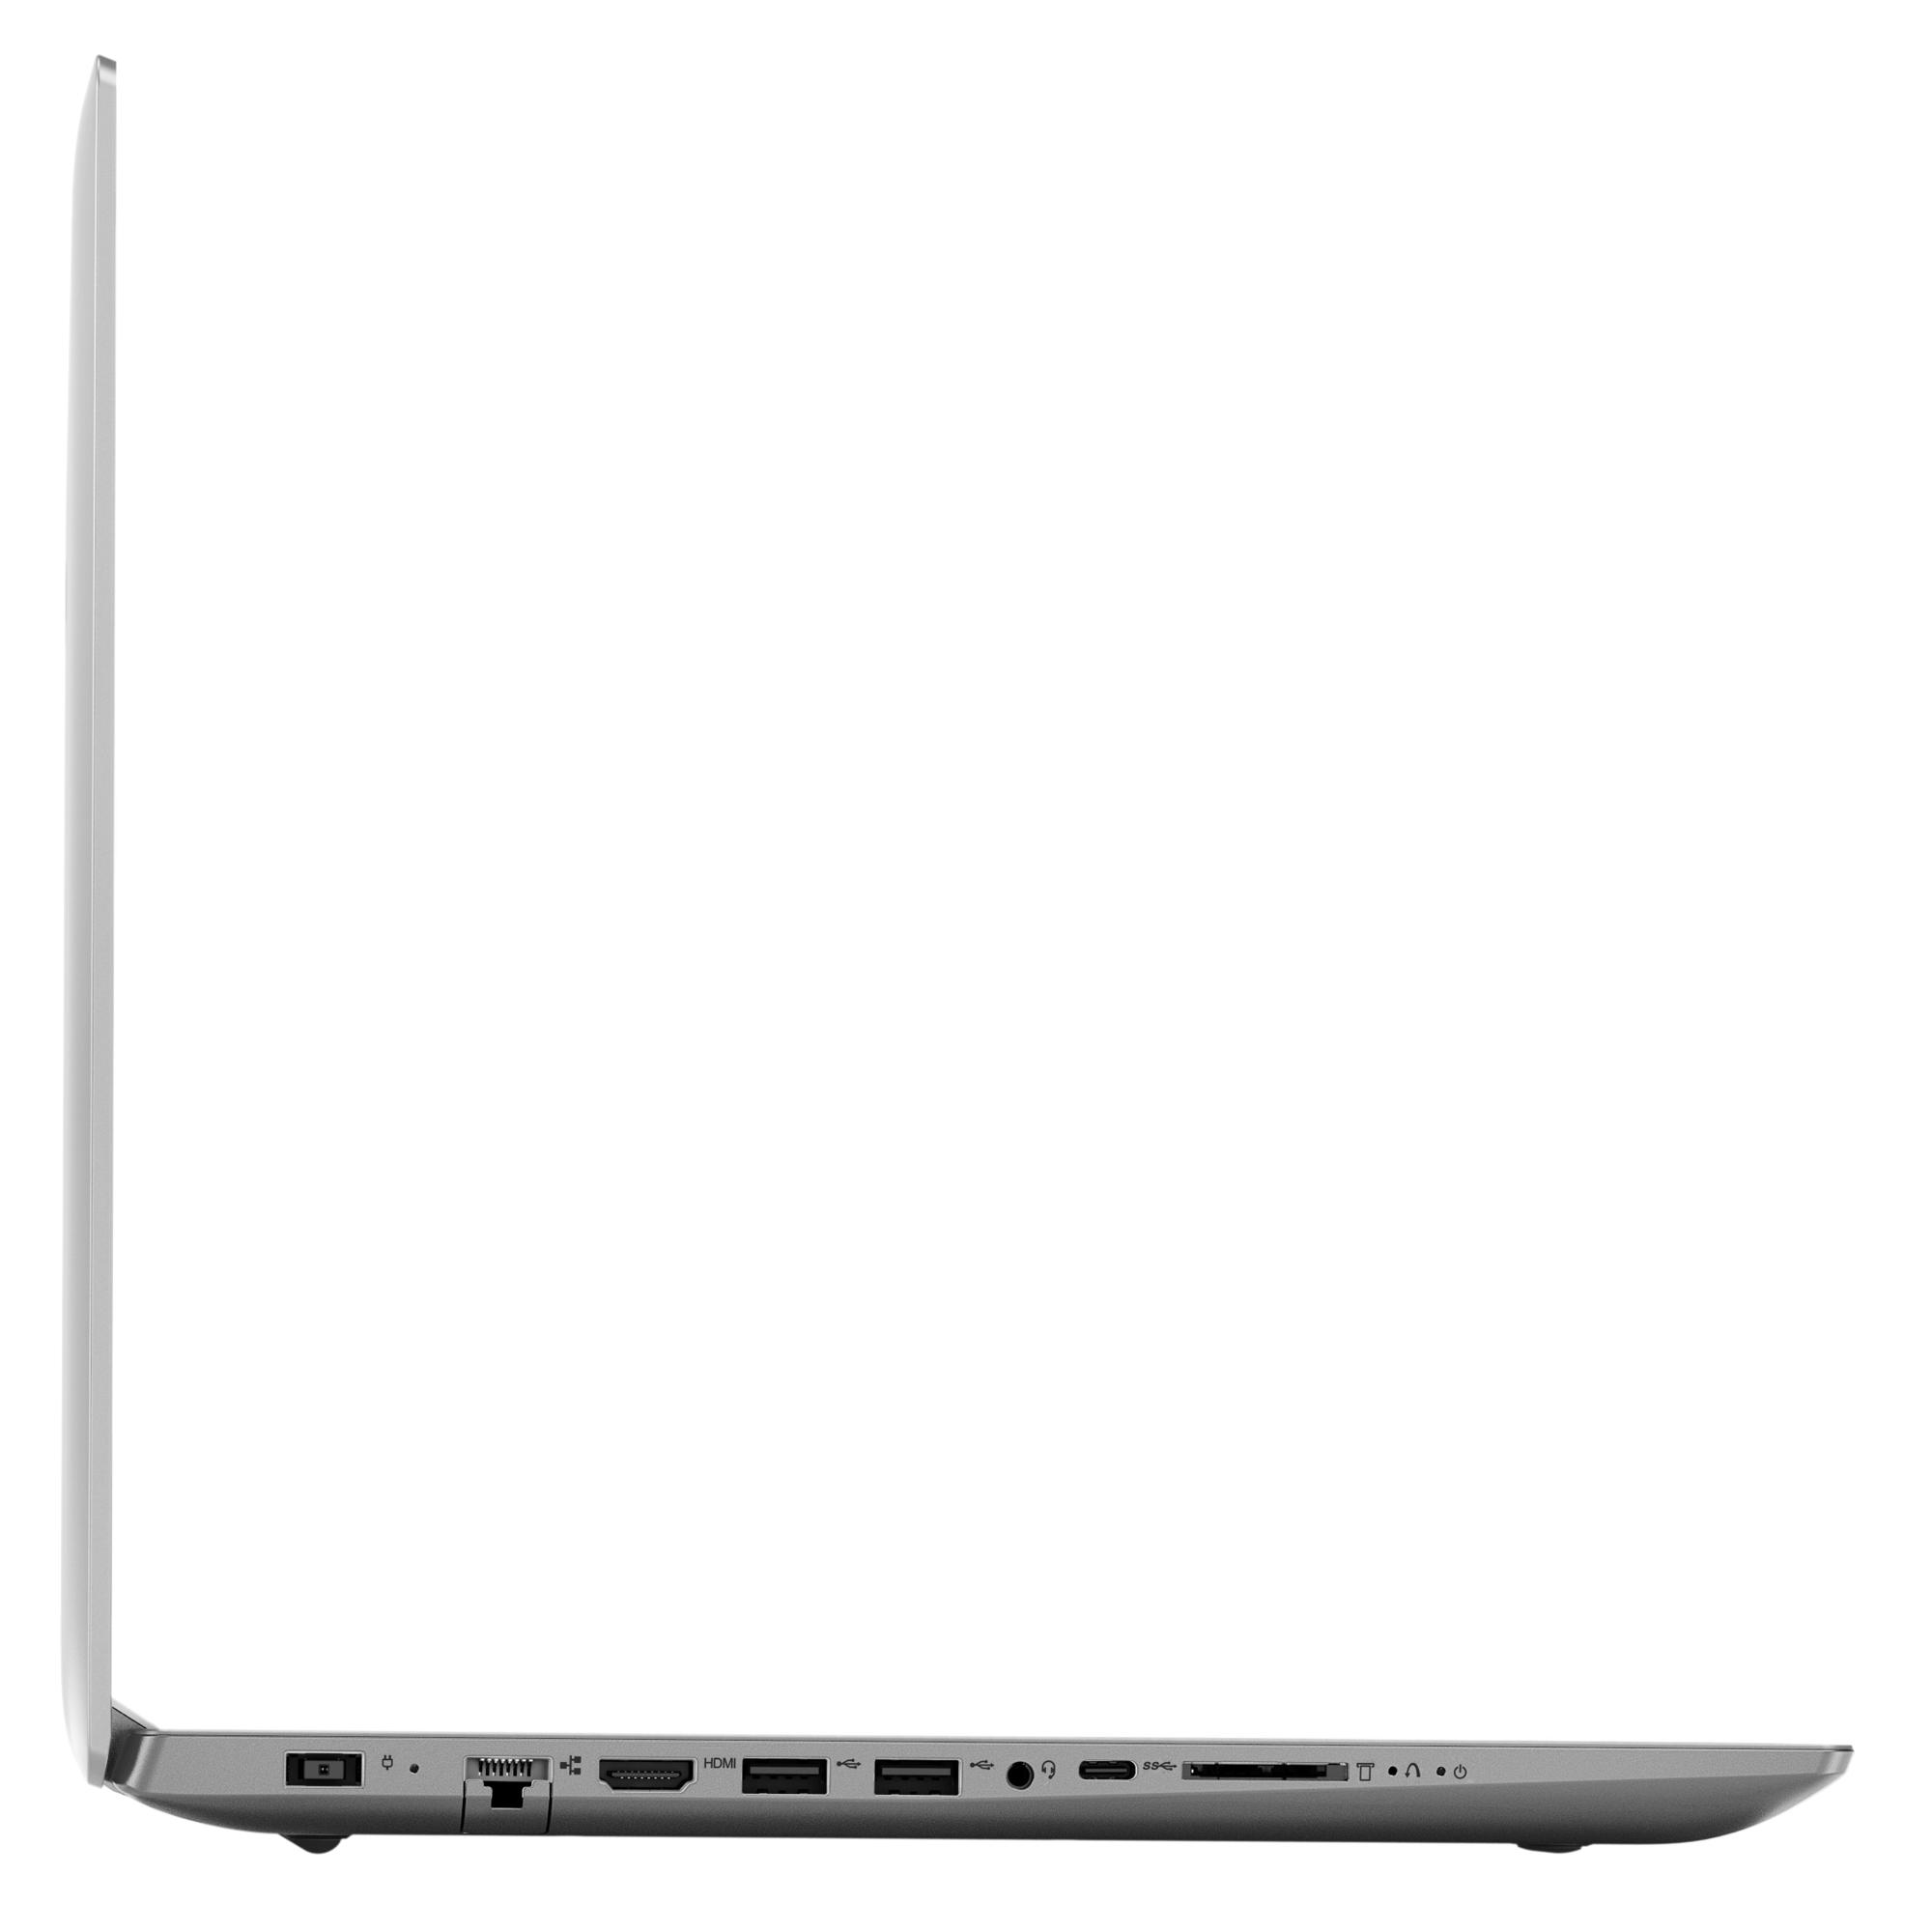 Фото  Ноутбук Lenovo ideapad 330-15 Platinum Grey (81DE01FKRA)